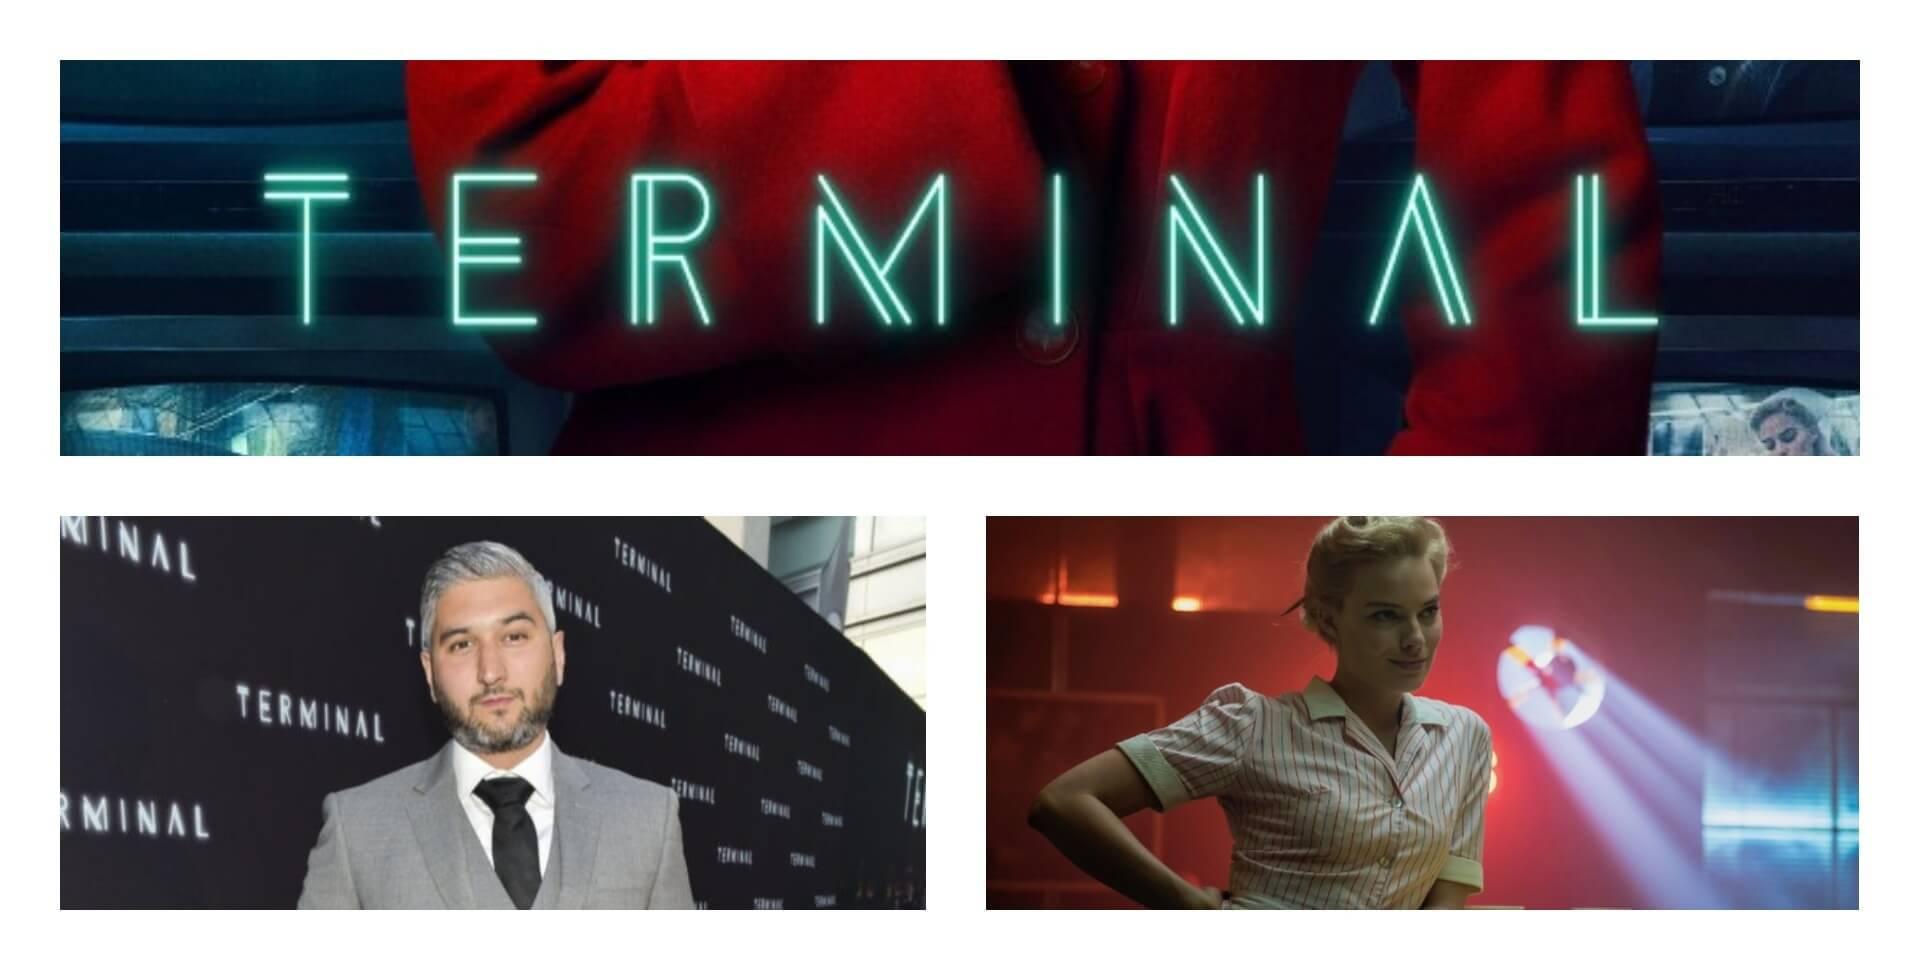 Terminal - Interview with Director Vaughn Stein